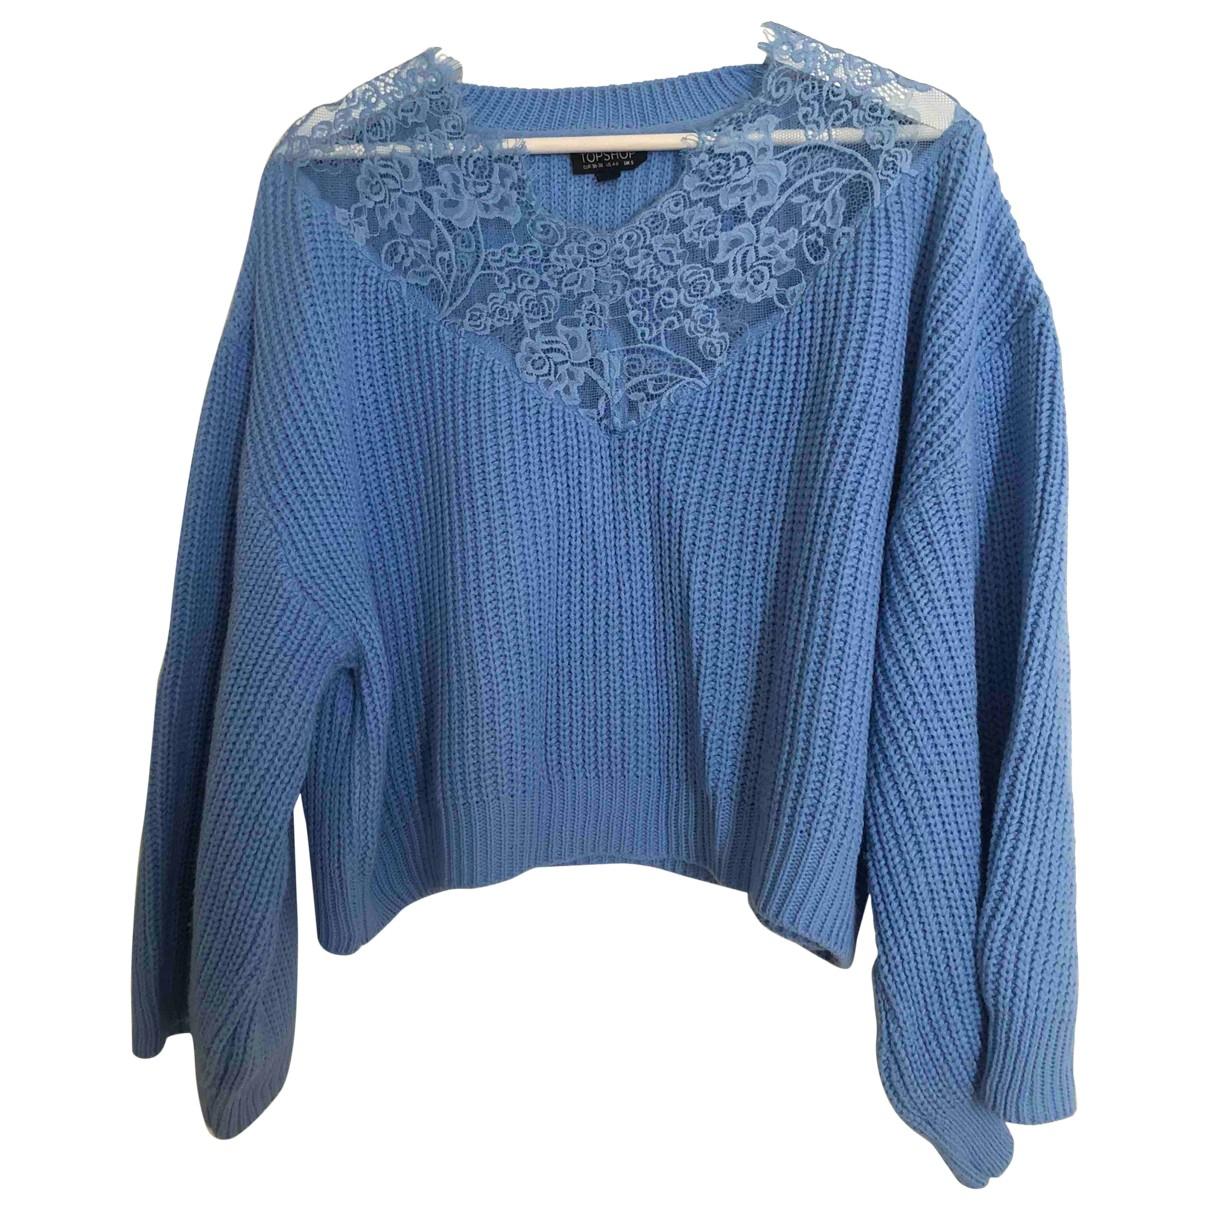 tophop \N Blue Knitwear for Women S International